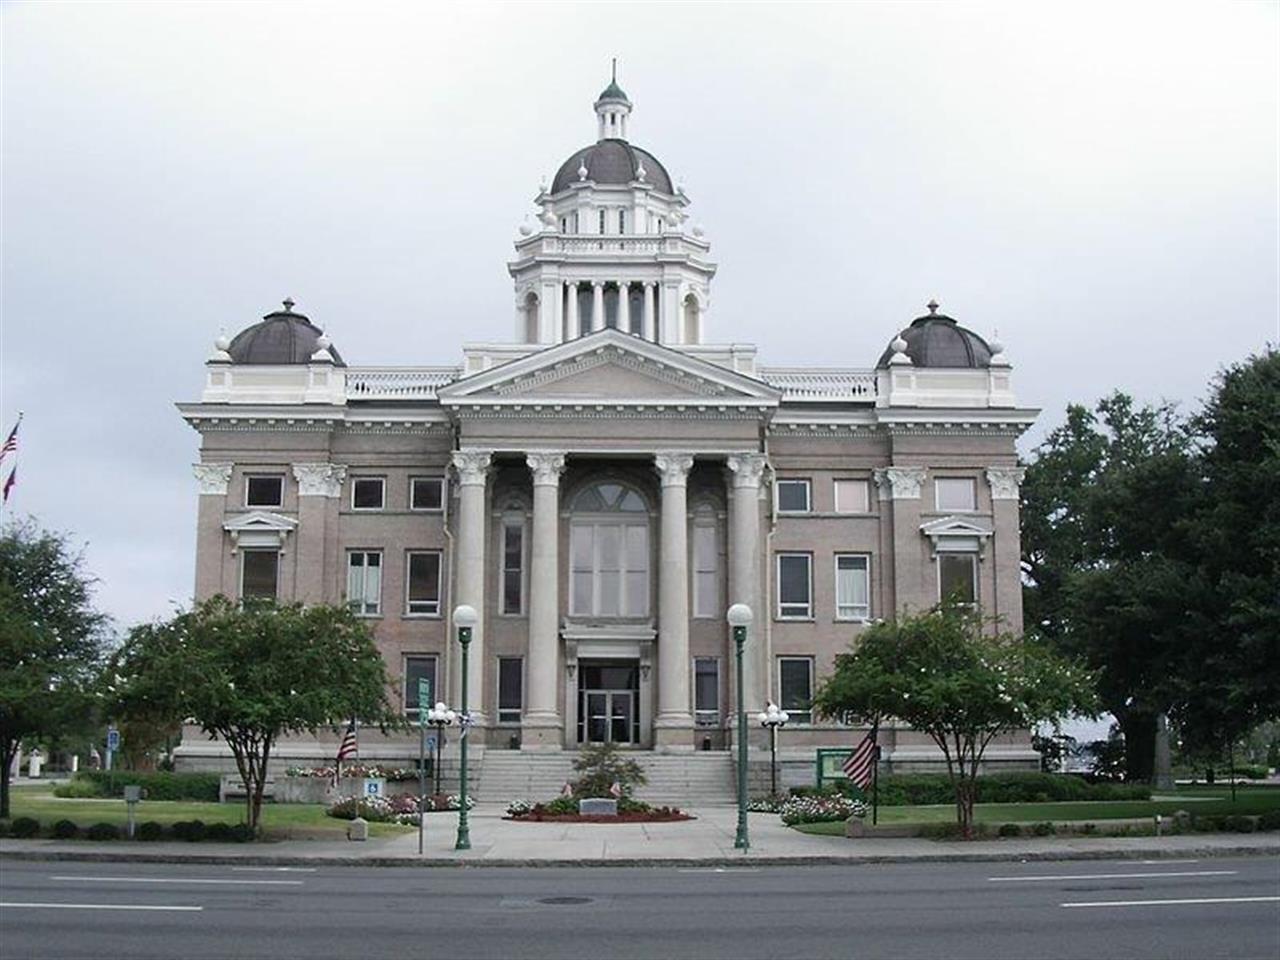 Courthouse - Downtown Valdosta, Georgia